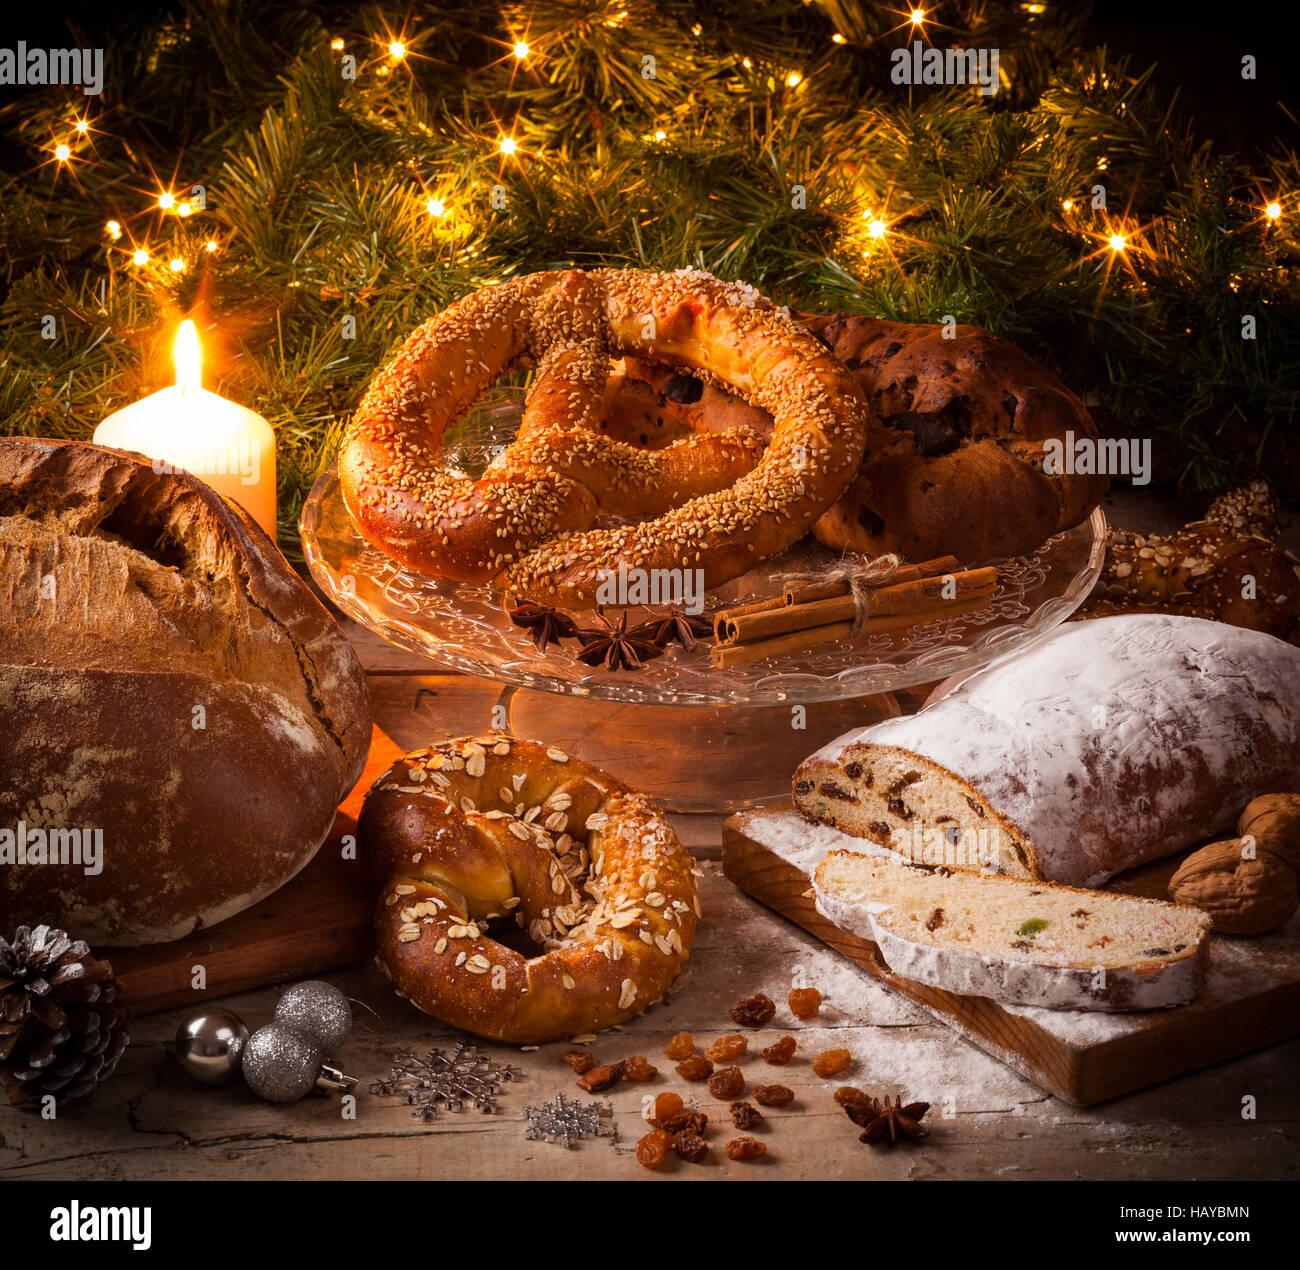 Baking for German Christmas: stollen, bretzel, bread. - Stock Image